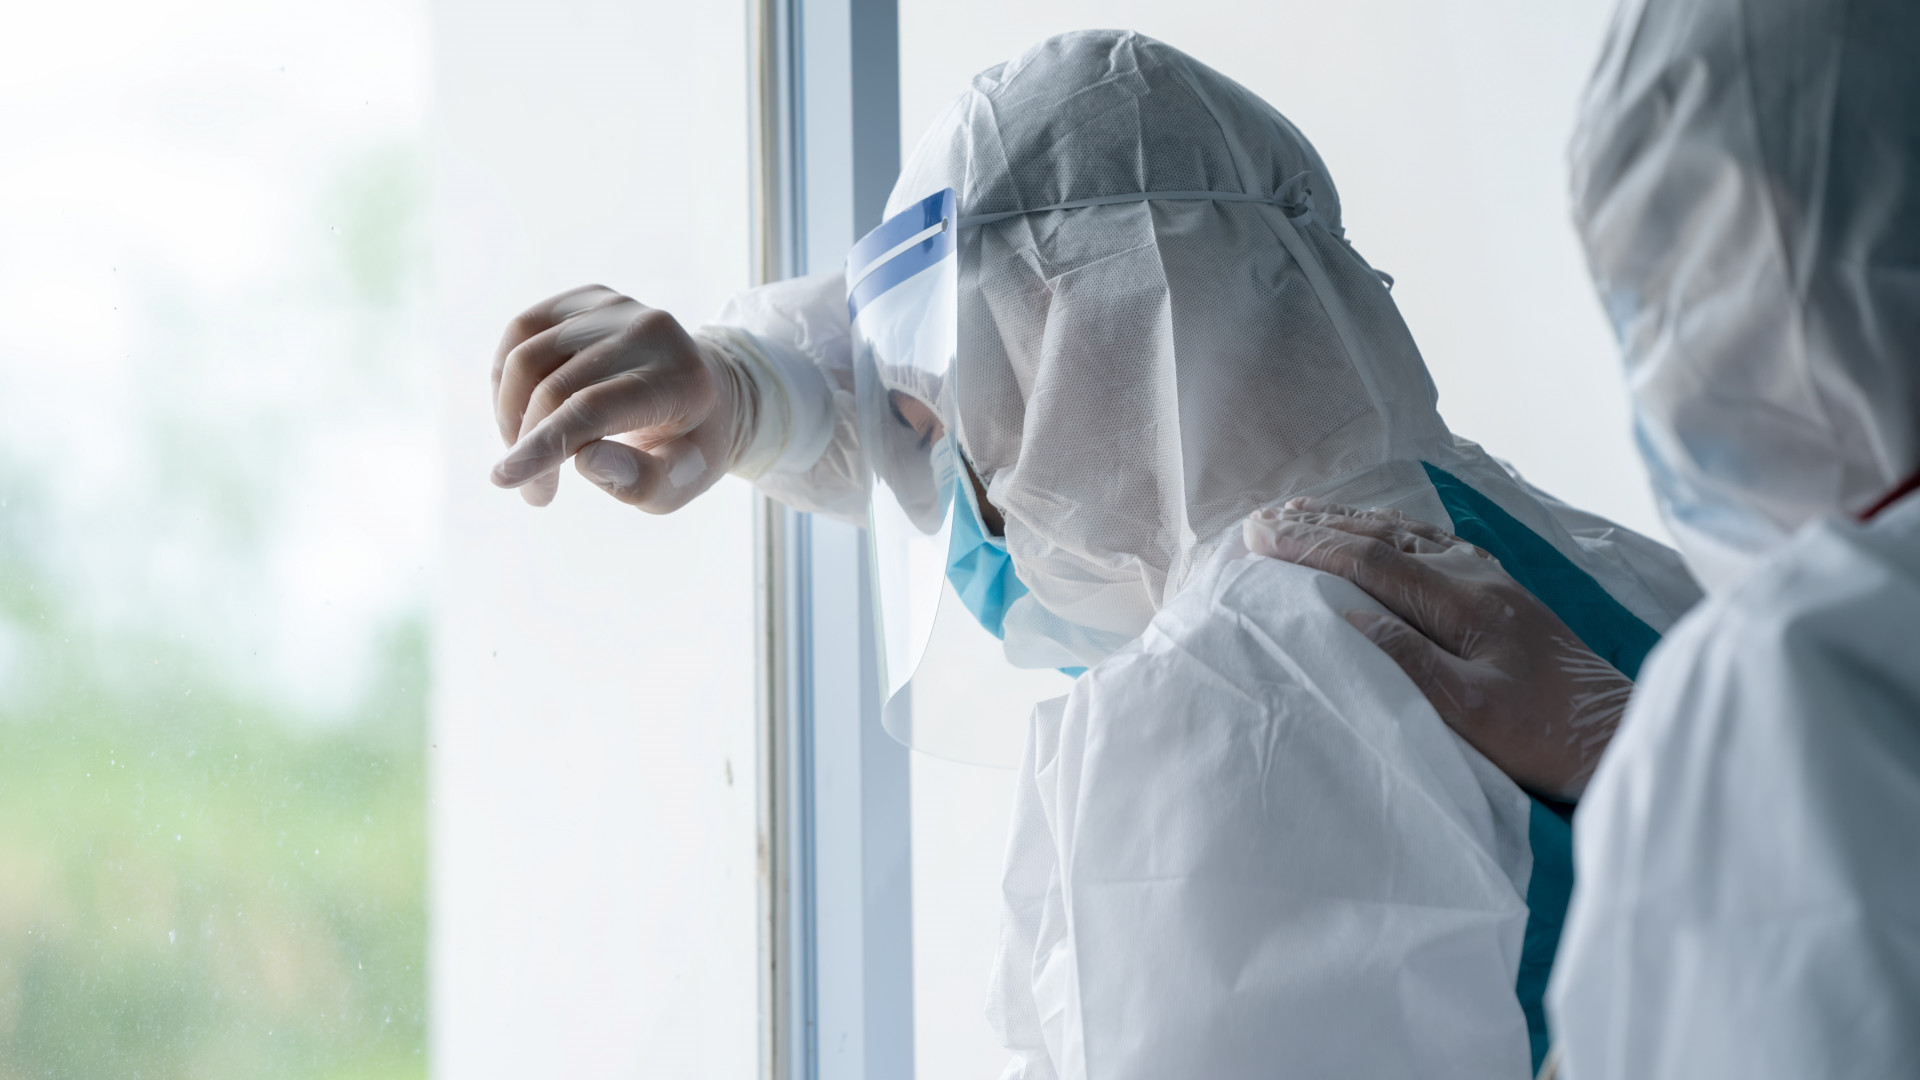 Koronavírus: átlépte az ezret a napi halálesetek száma Oroszországban